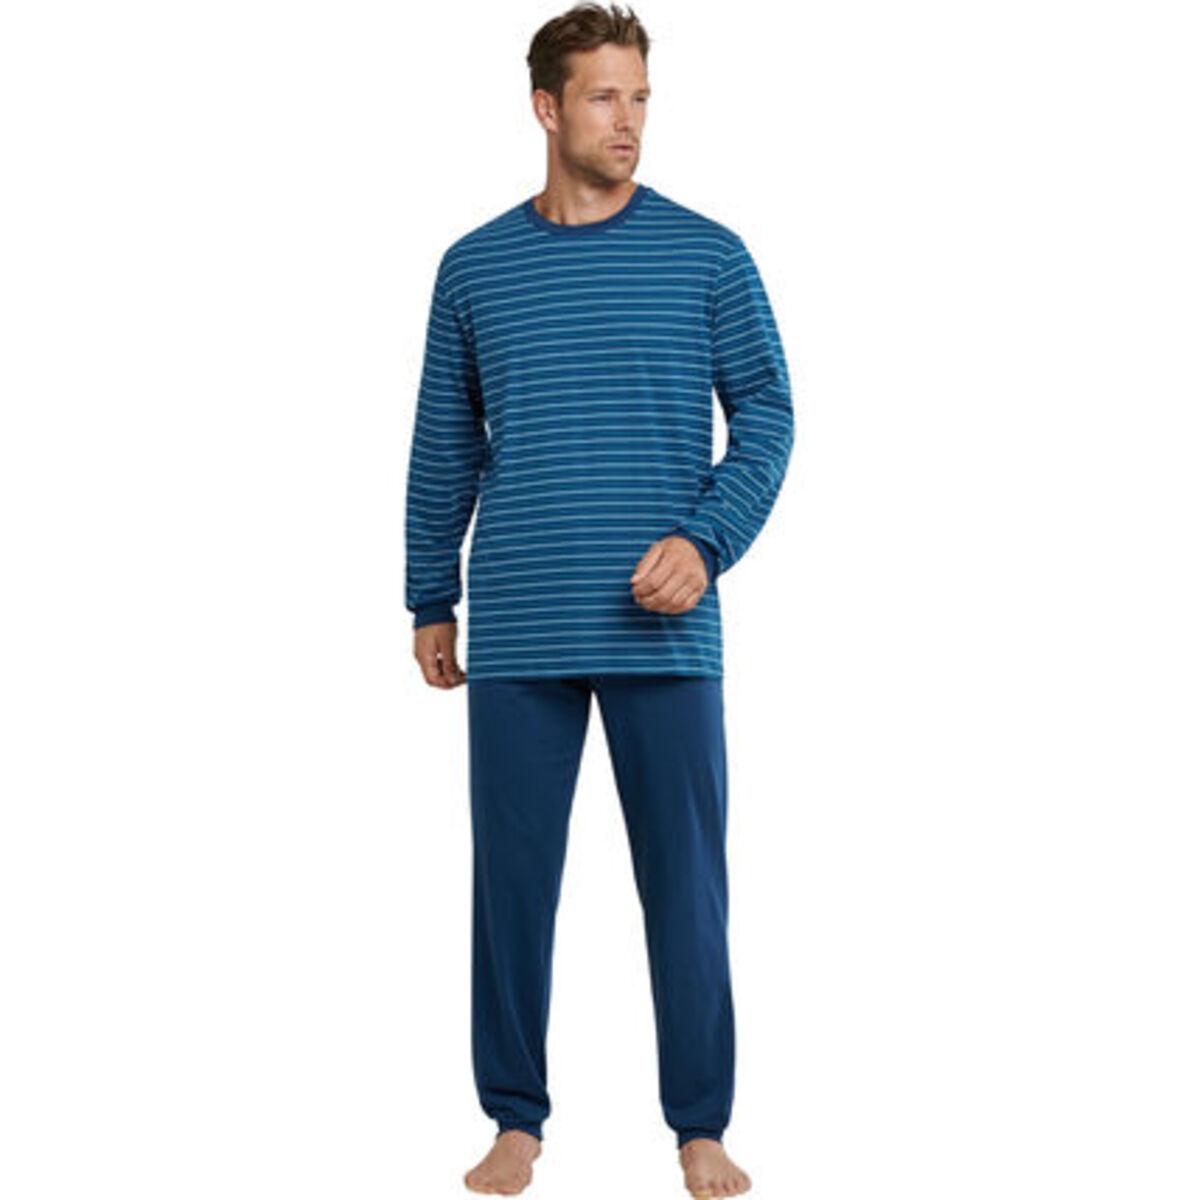 Bild 1 von Schiesser Schlafanzug, Ringelshirt, Baumwolle, für Herren